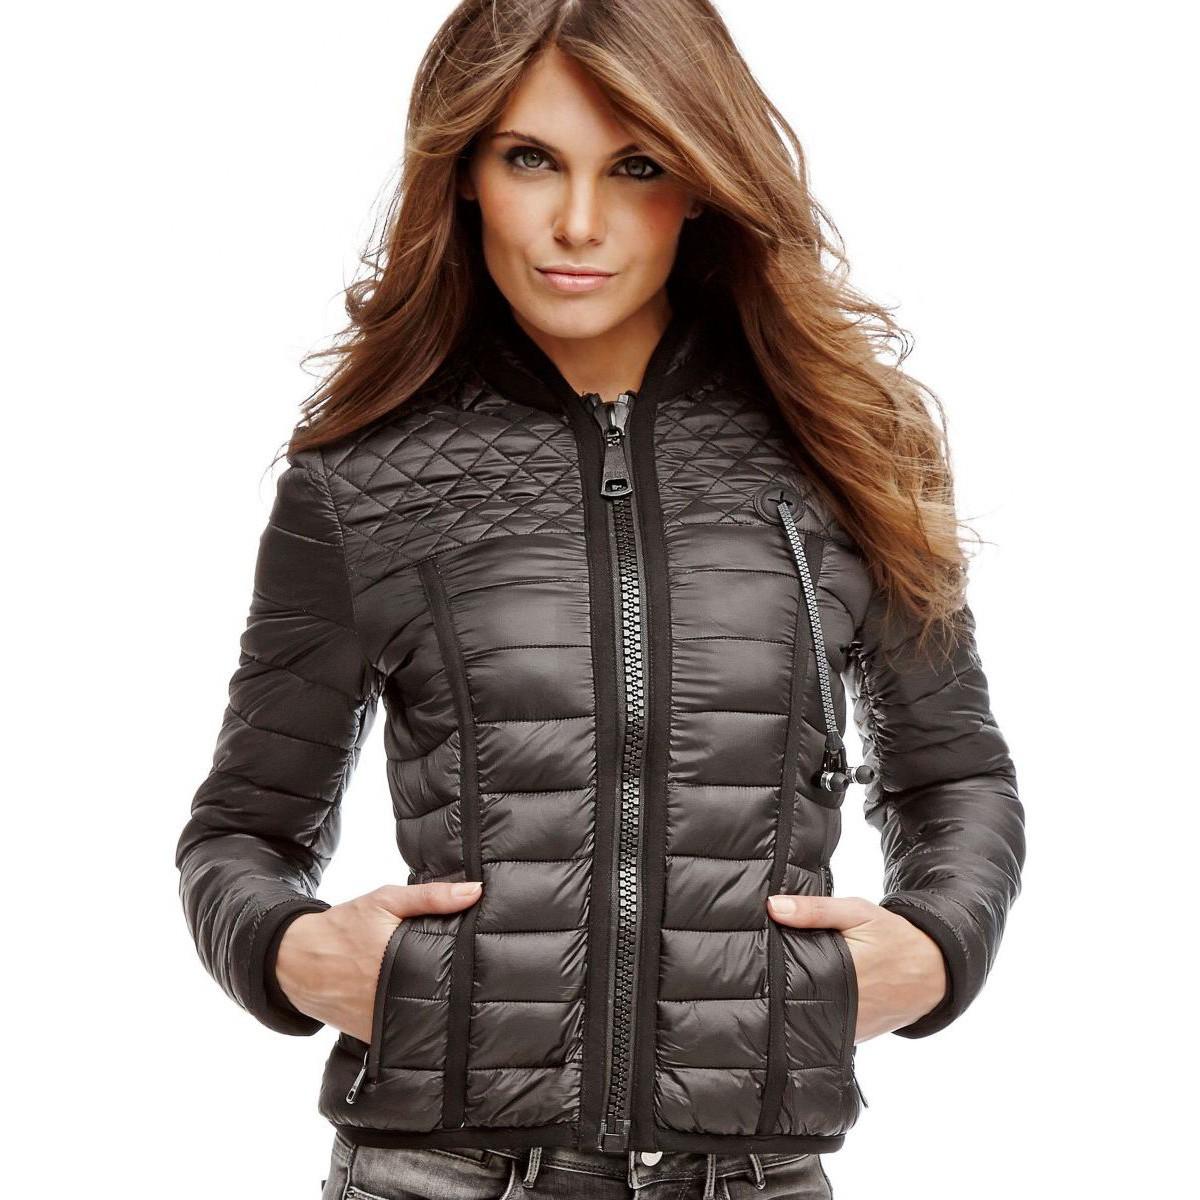 527650f87764 Marciano Guess Veste graphique zippée Blanc et noir Femme,boucle guess,comparez  les prix. Guess - Doudounes jeans w74l65 doris blanc XS - pas cher Achat ...